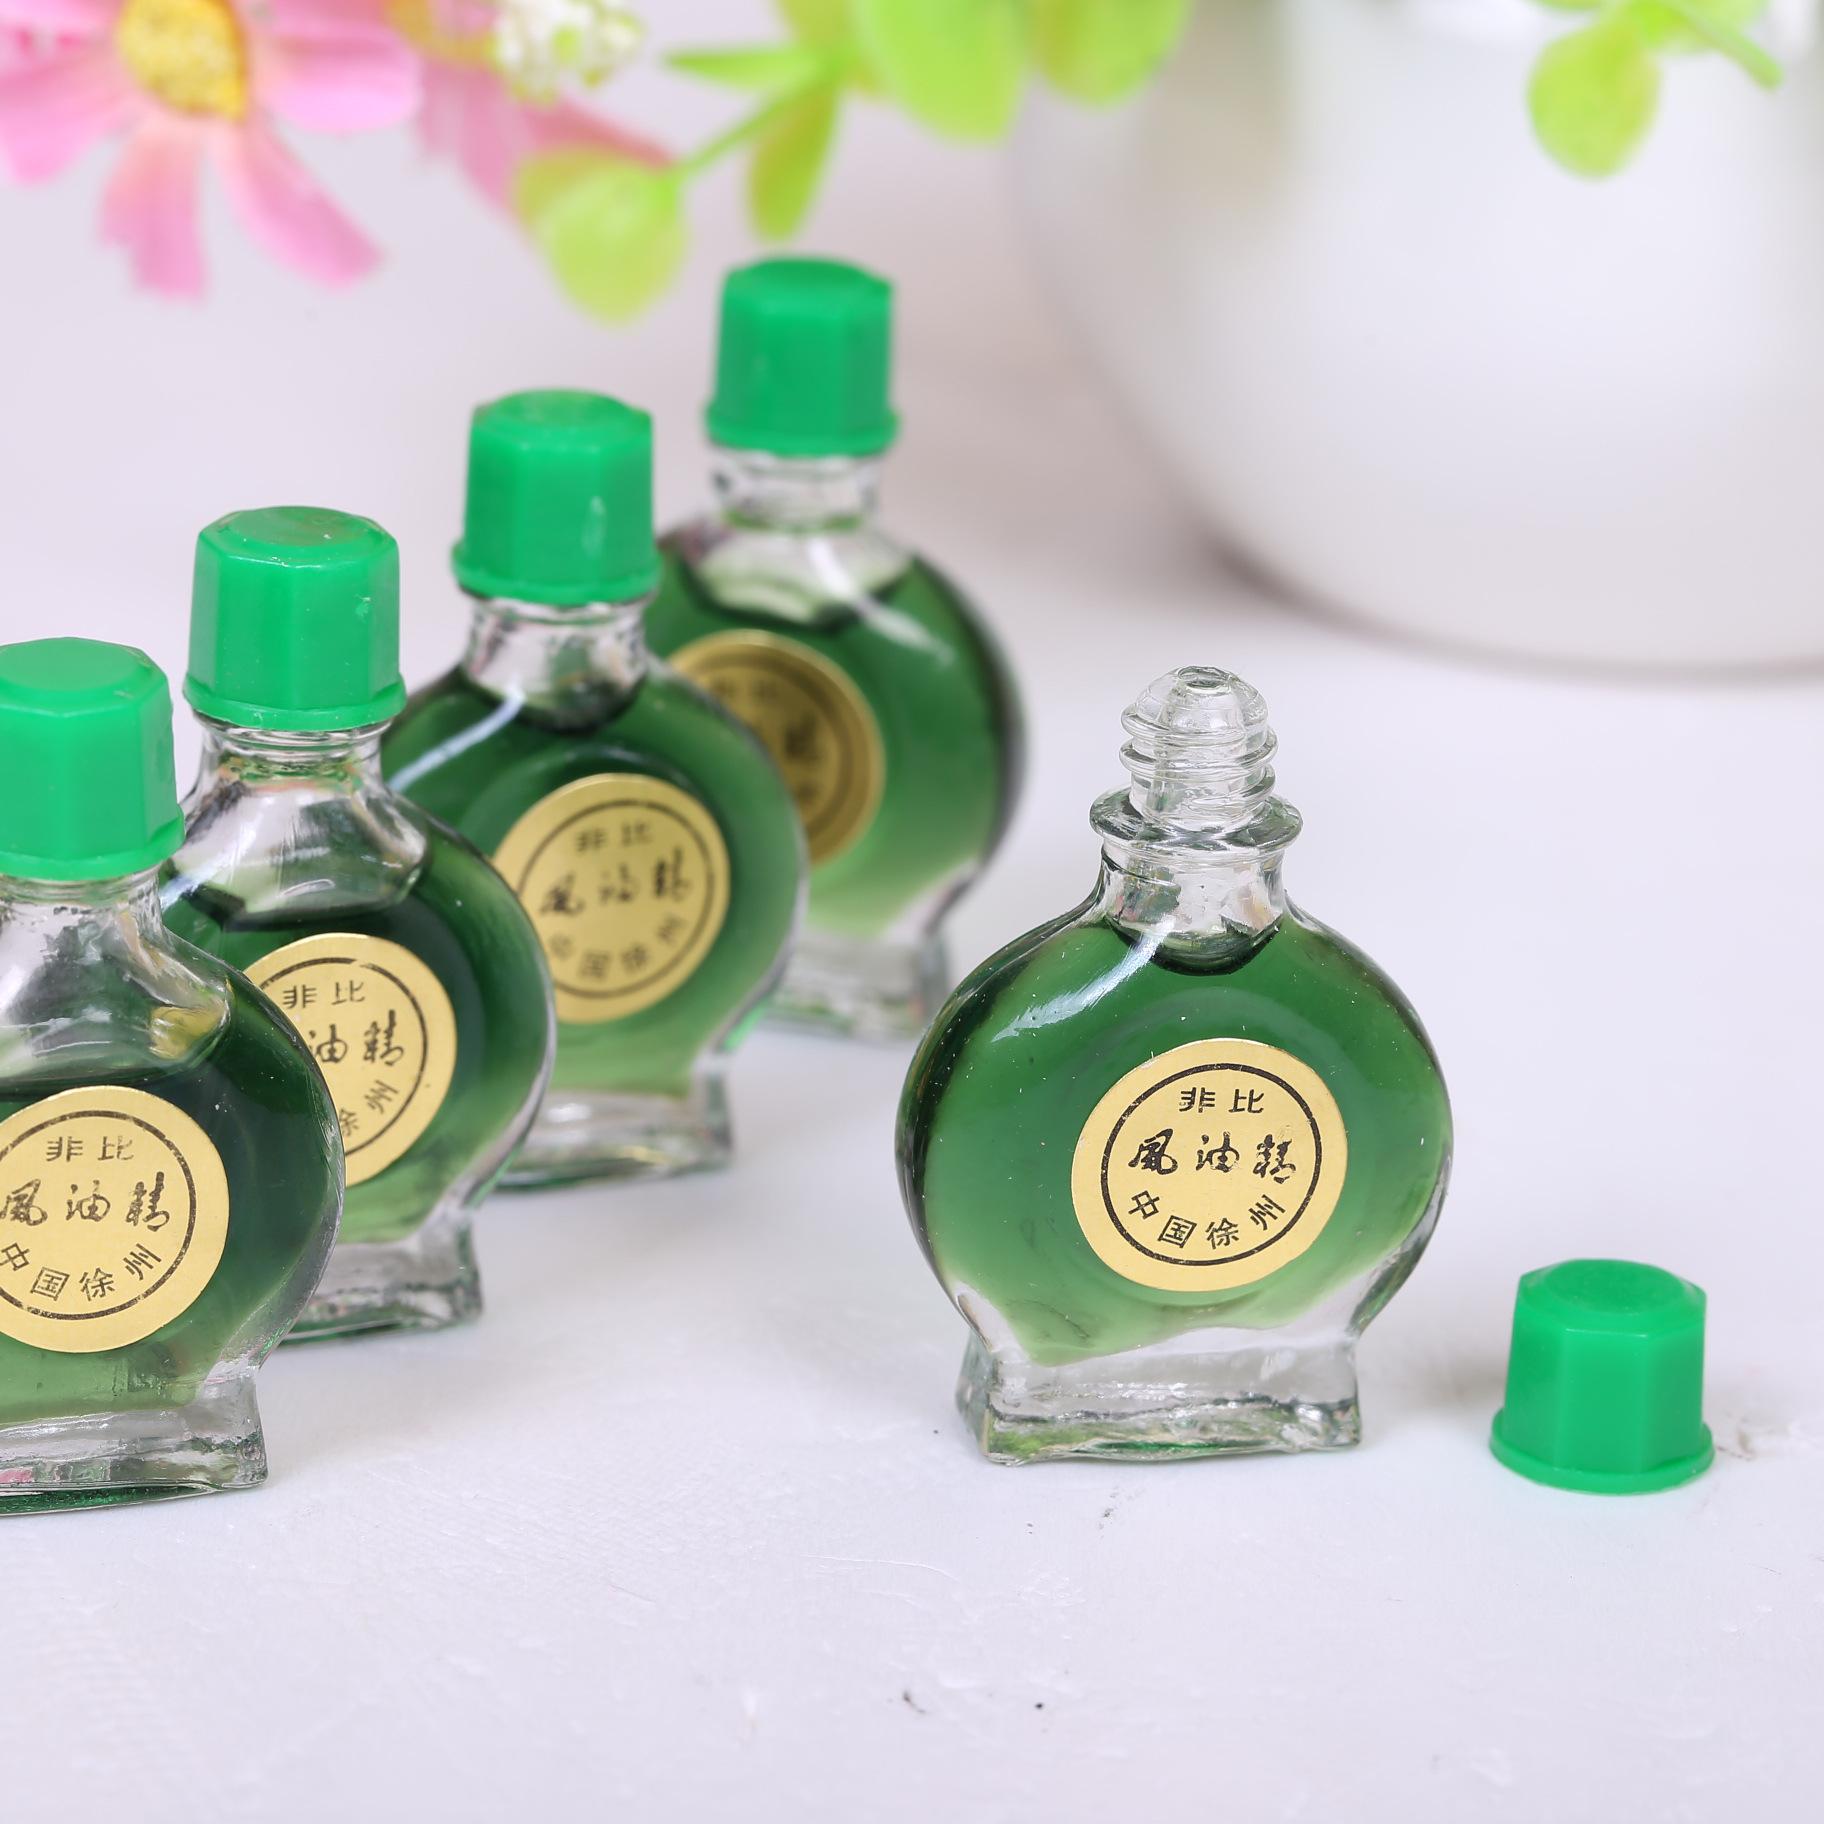 Эфирное масло 5pcs/lot Fengyoujing